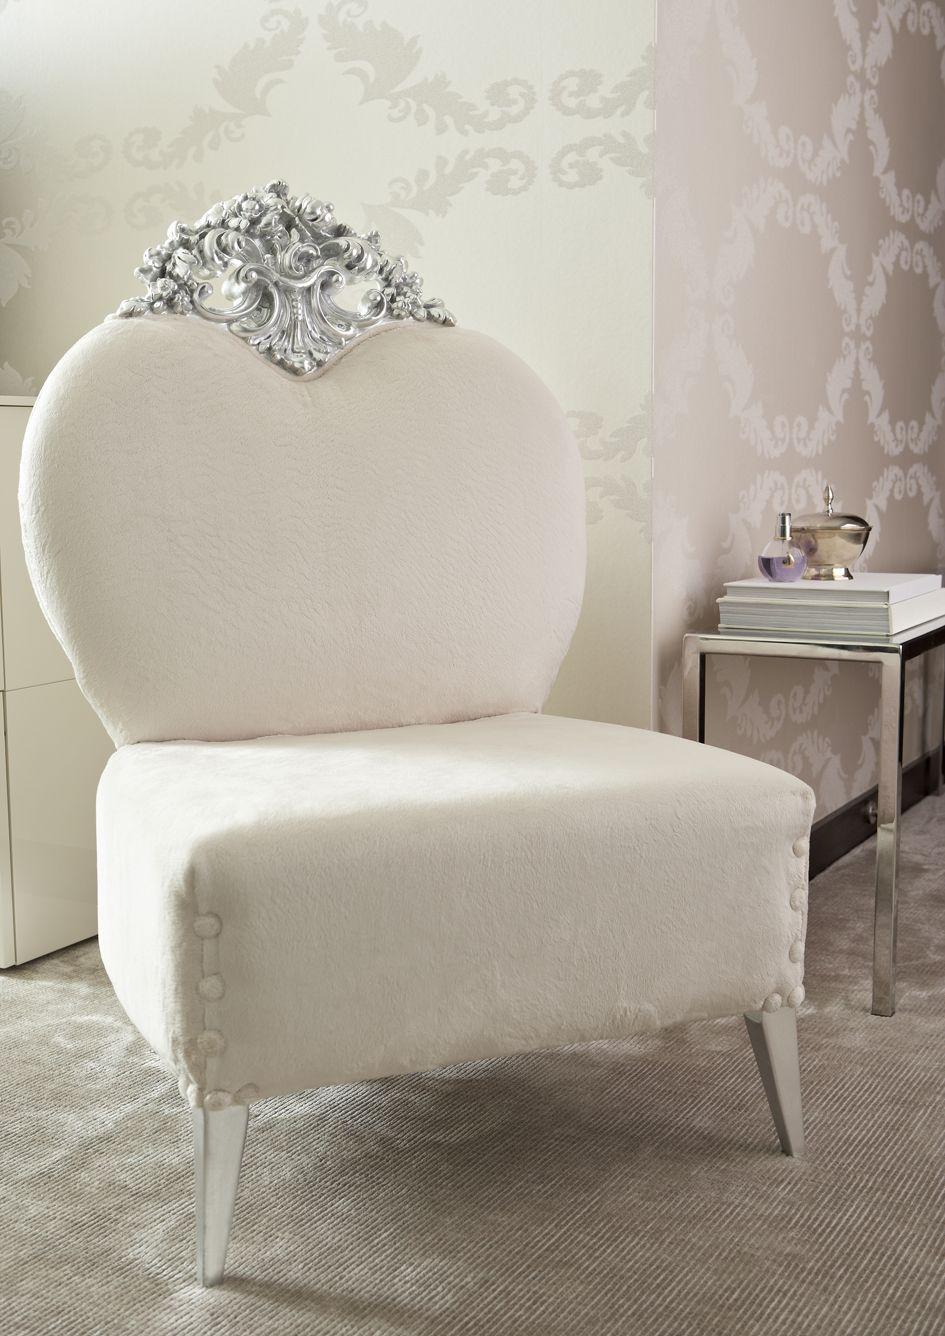 Photo (AnaRosa) Furniture, Interior, Interior design